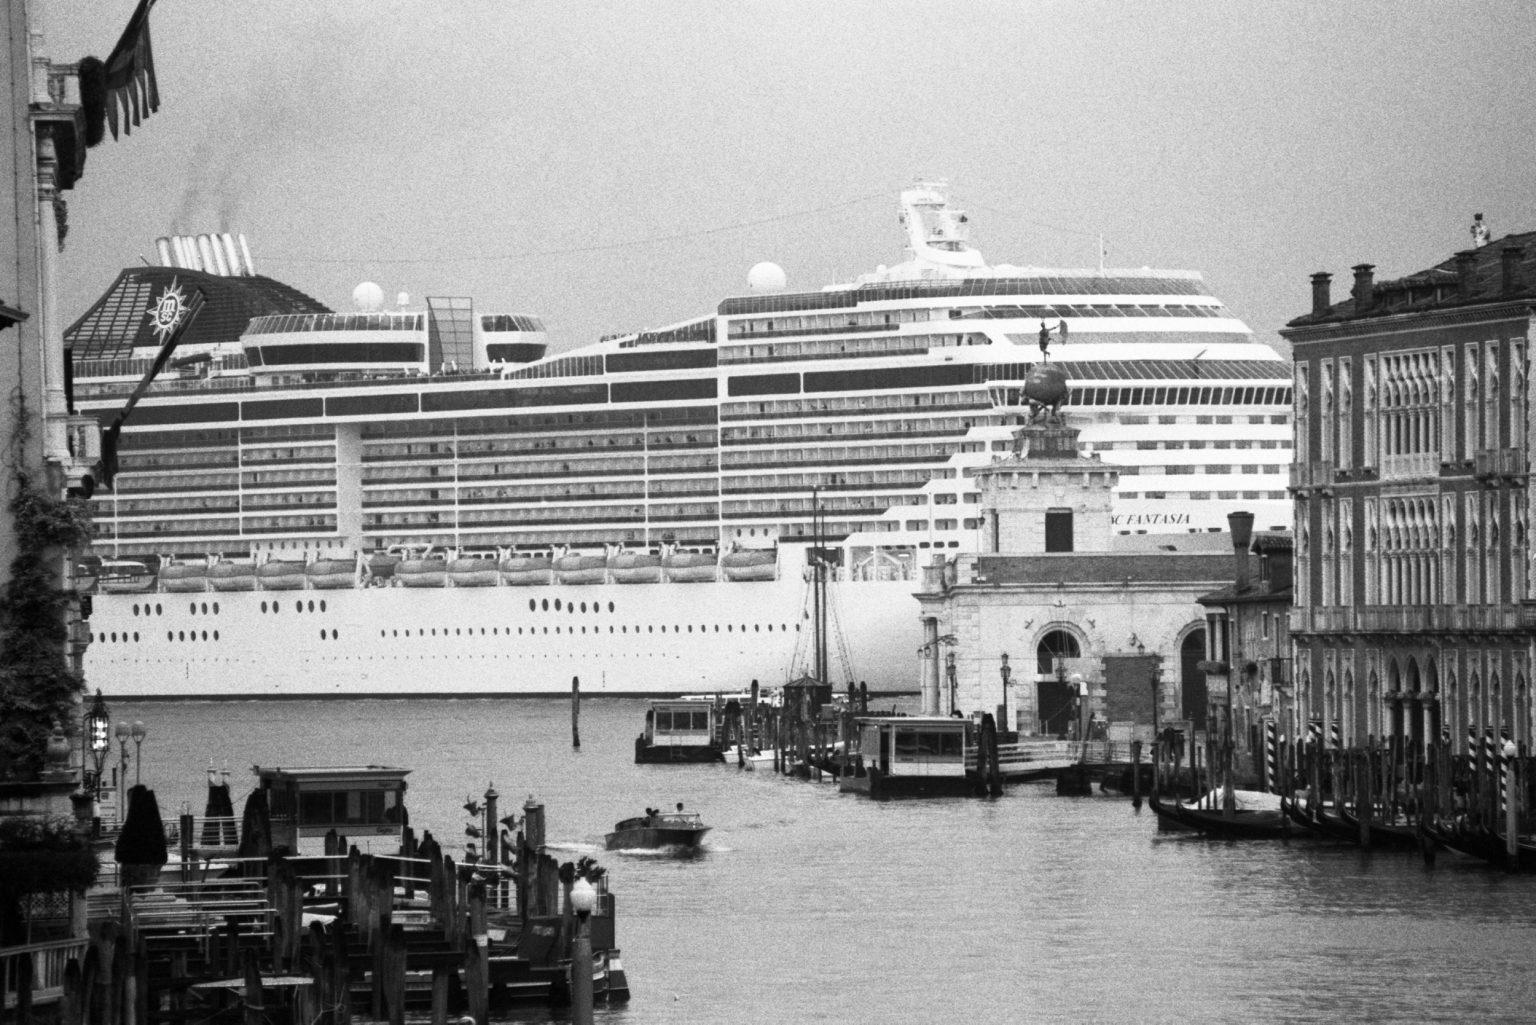 """Venice, August 2013 - Big cruise liners invade the city - MSC Fantasia cruise ship passing by the old town ><  Venezia, agosto 2013 - Le grandi navi da crociera invadono la città - La MSC Fantasia passa davanti al centro storico<p><span style=""""color: #ff0000""""><strong>*** SPECIAL   FEE   APPLIES ***</strong></span></p>*** SPECIAL   FEE   APPLIES *** *** Local Caption *** 00483767"""